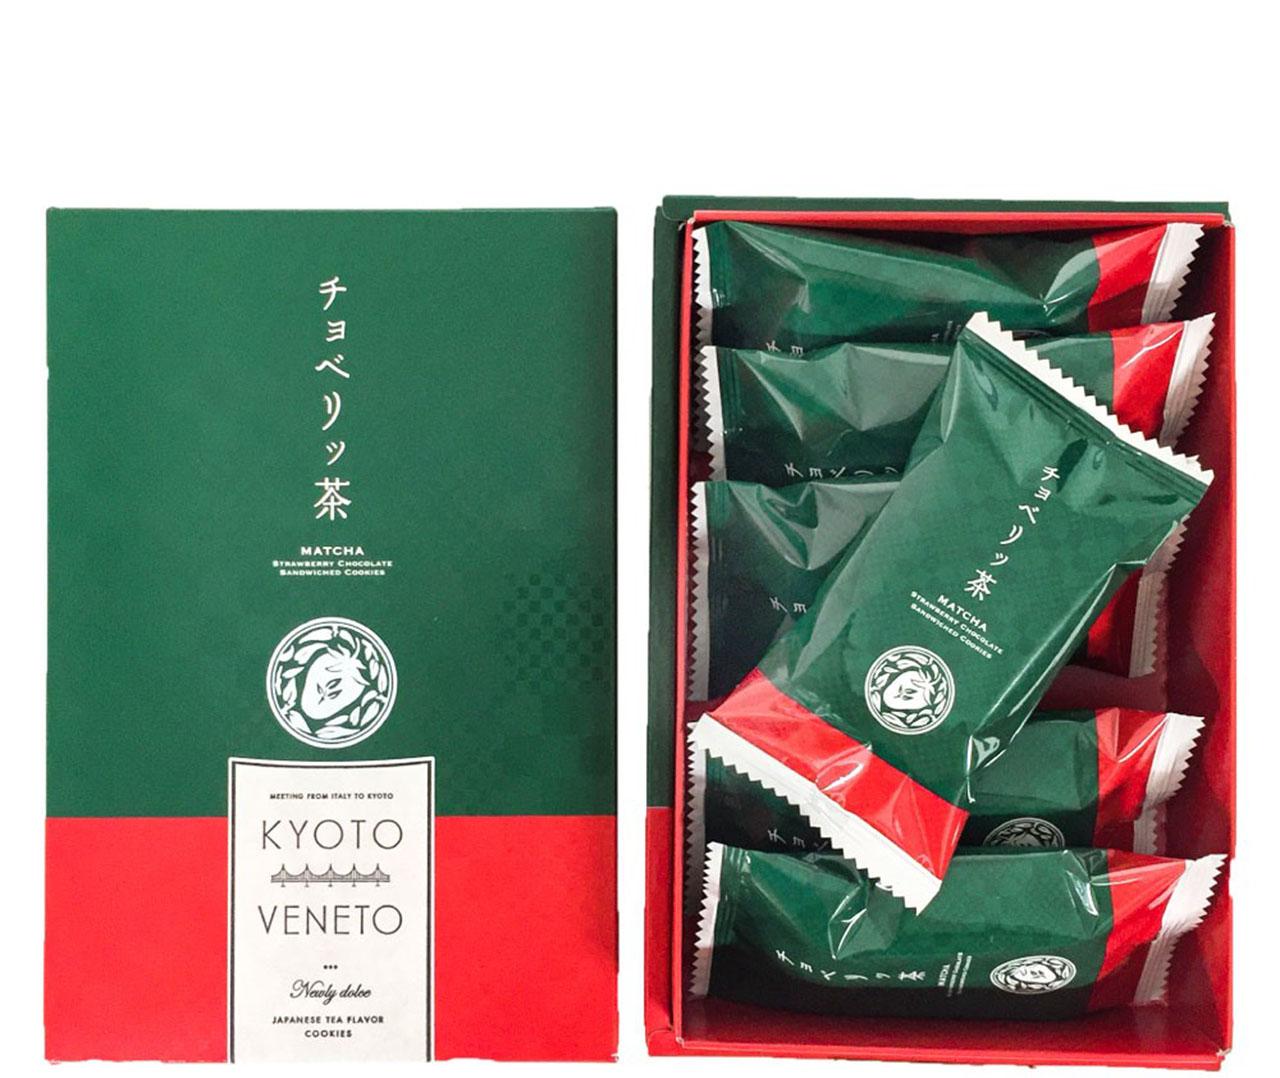 京都ヴェネト「チョベリッ茶」